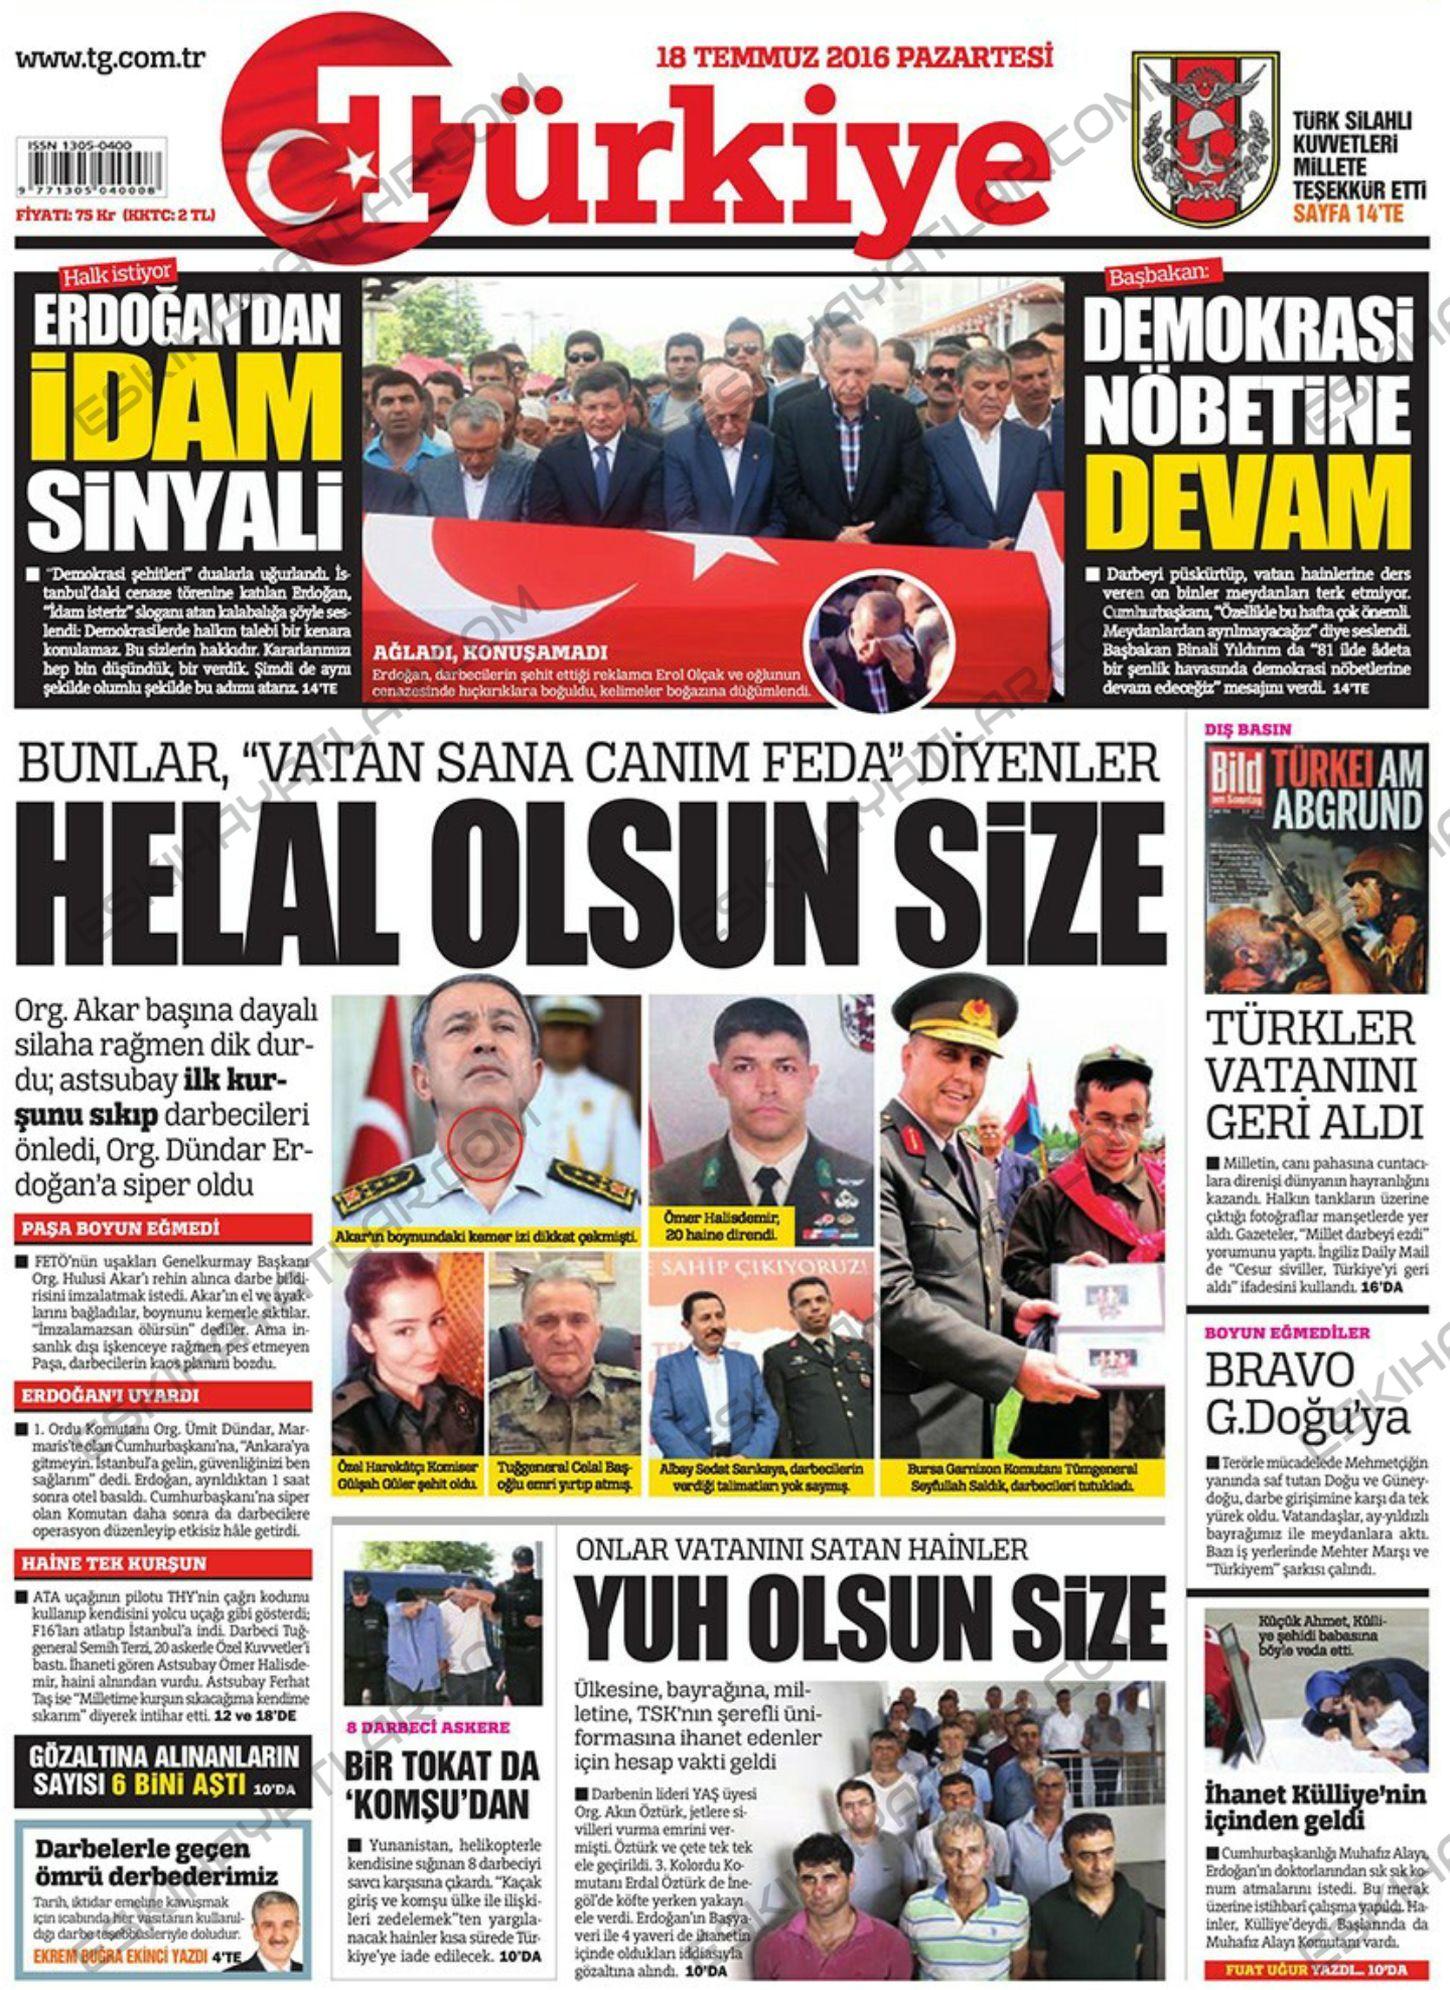 15-temmuz-2016-darbe-tesebbusu-gazete-arsivleri (turkiye)